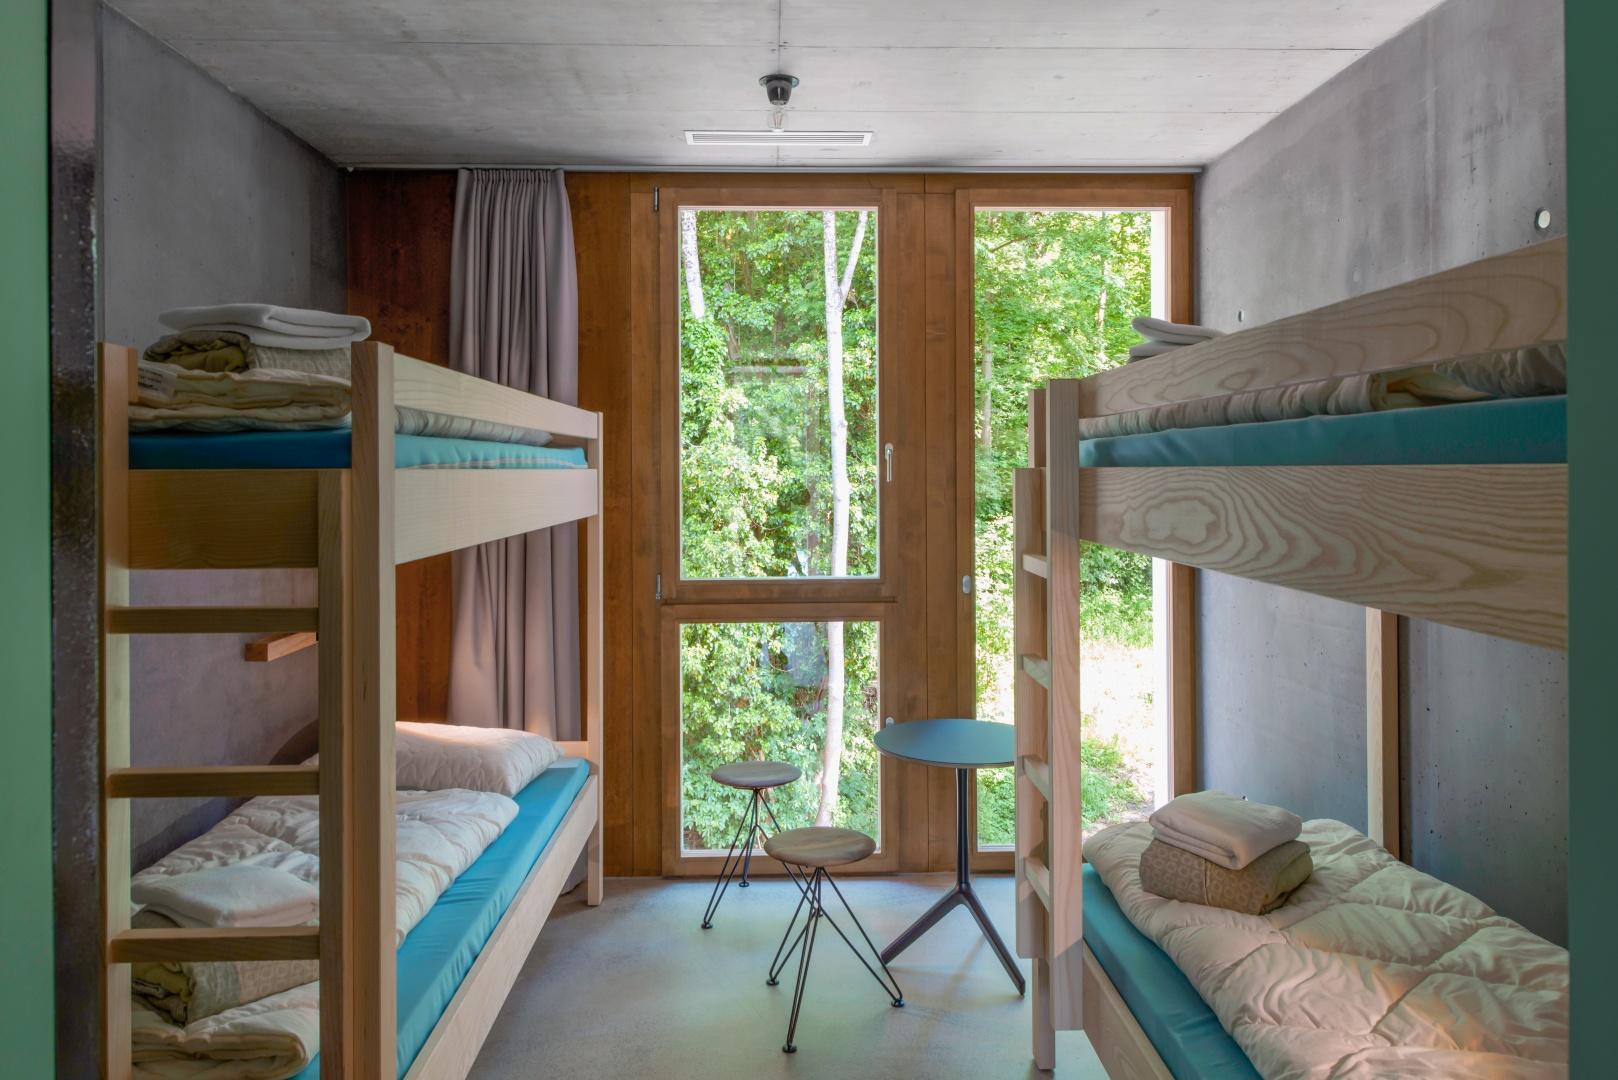 Vue sur la chambre à quatre lits  dans le nouveau dortoir: les deux  lits superposés bénéficient d'une vue sur la verdure qui entoure le Palais fédéral. © Adrian Scheidegger